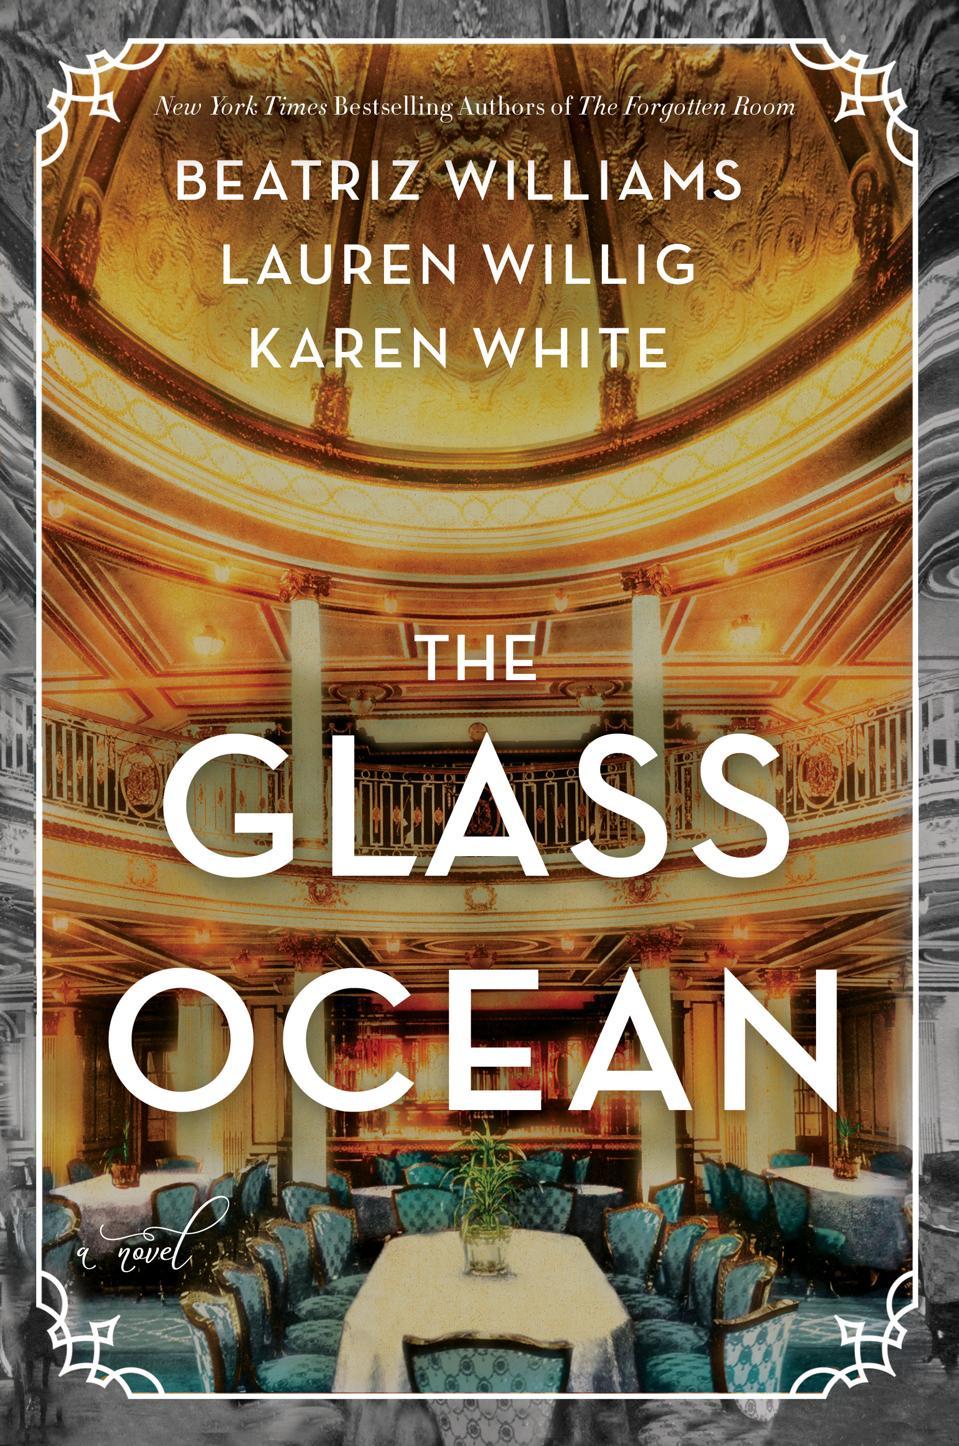 the glass ocean novel book cover beatriz williams lauren willig karen white authors